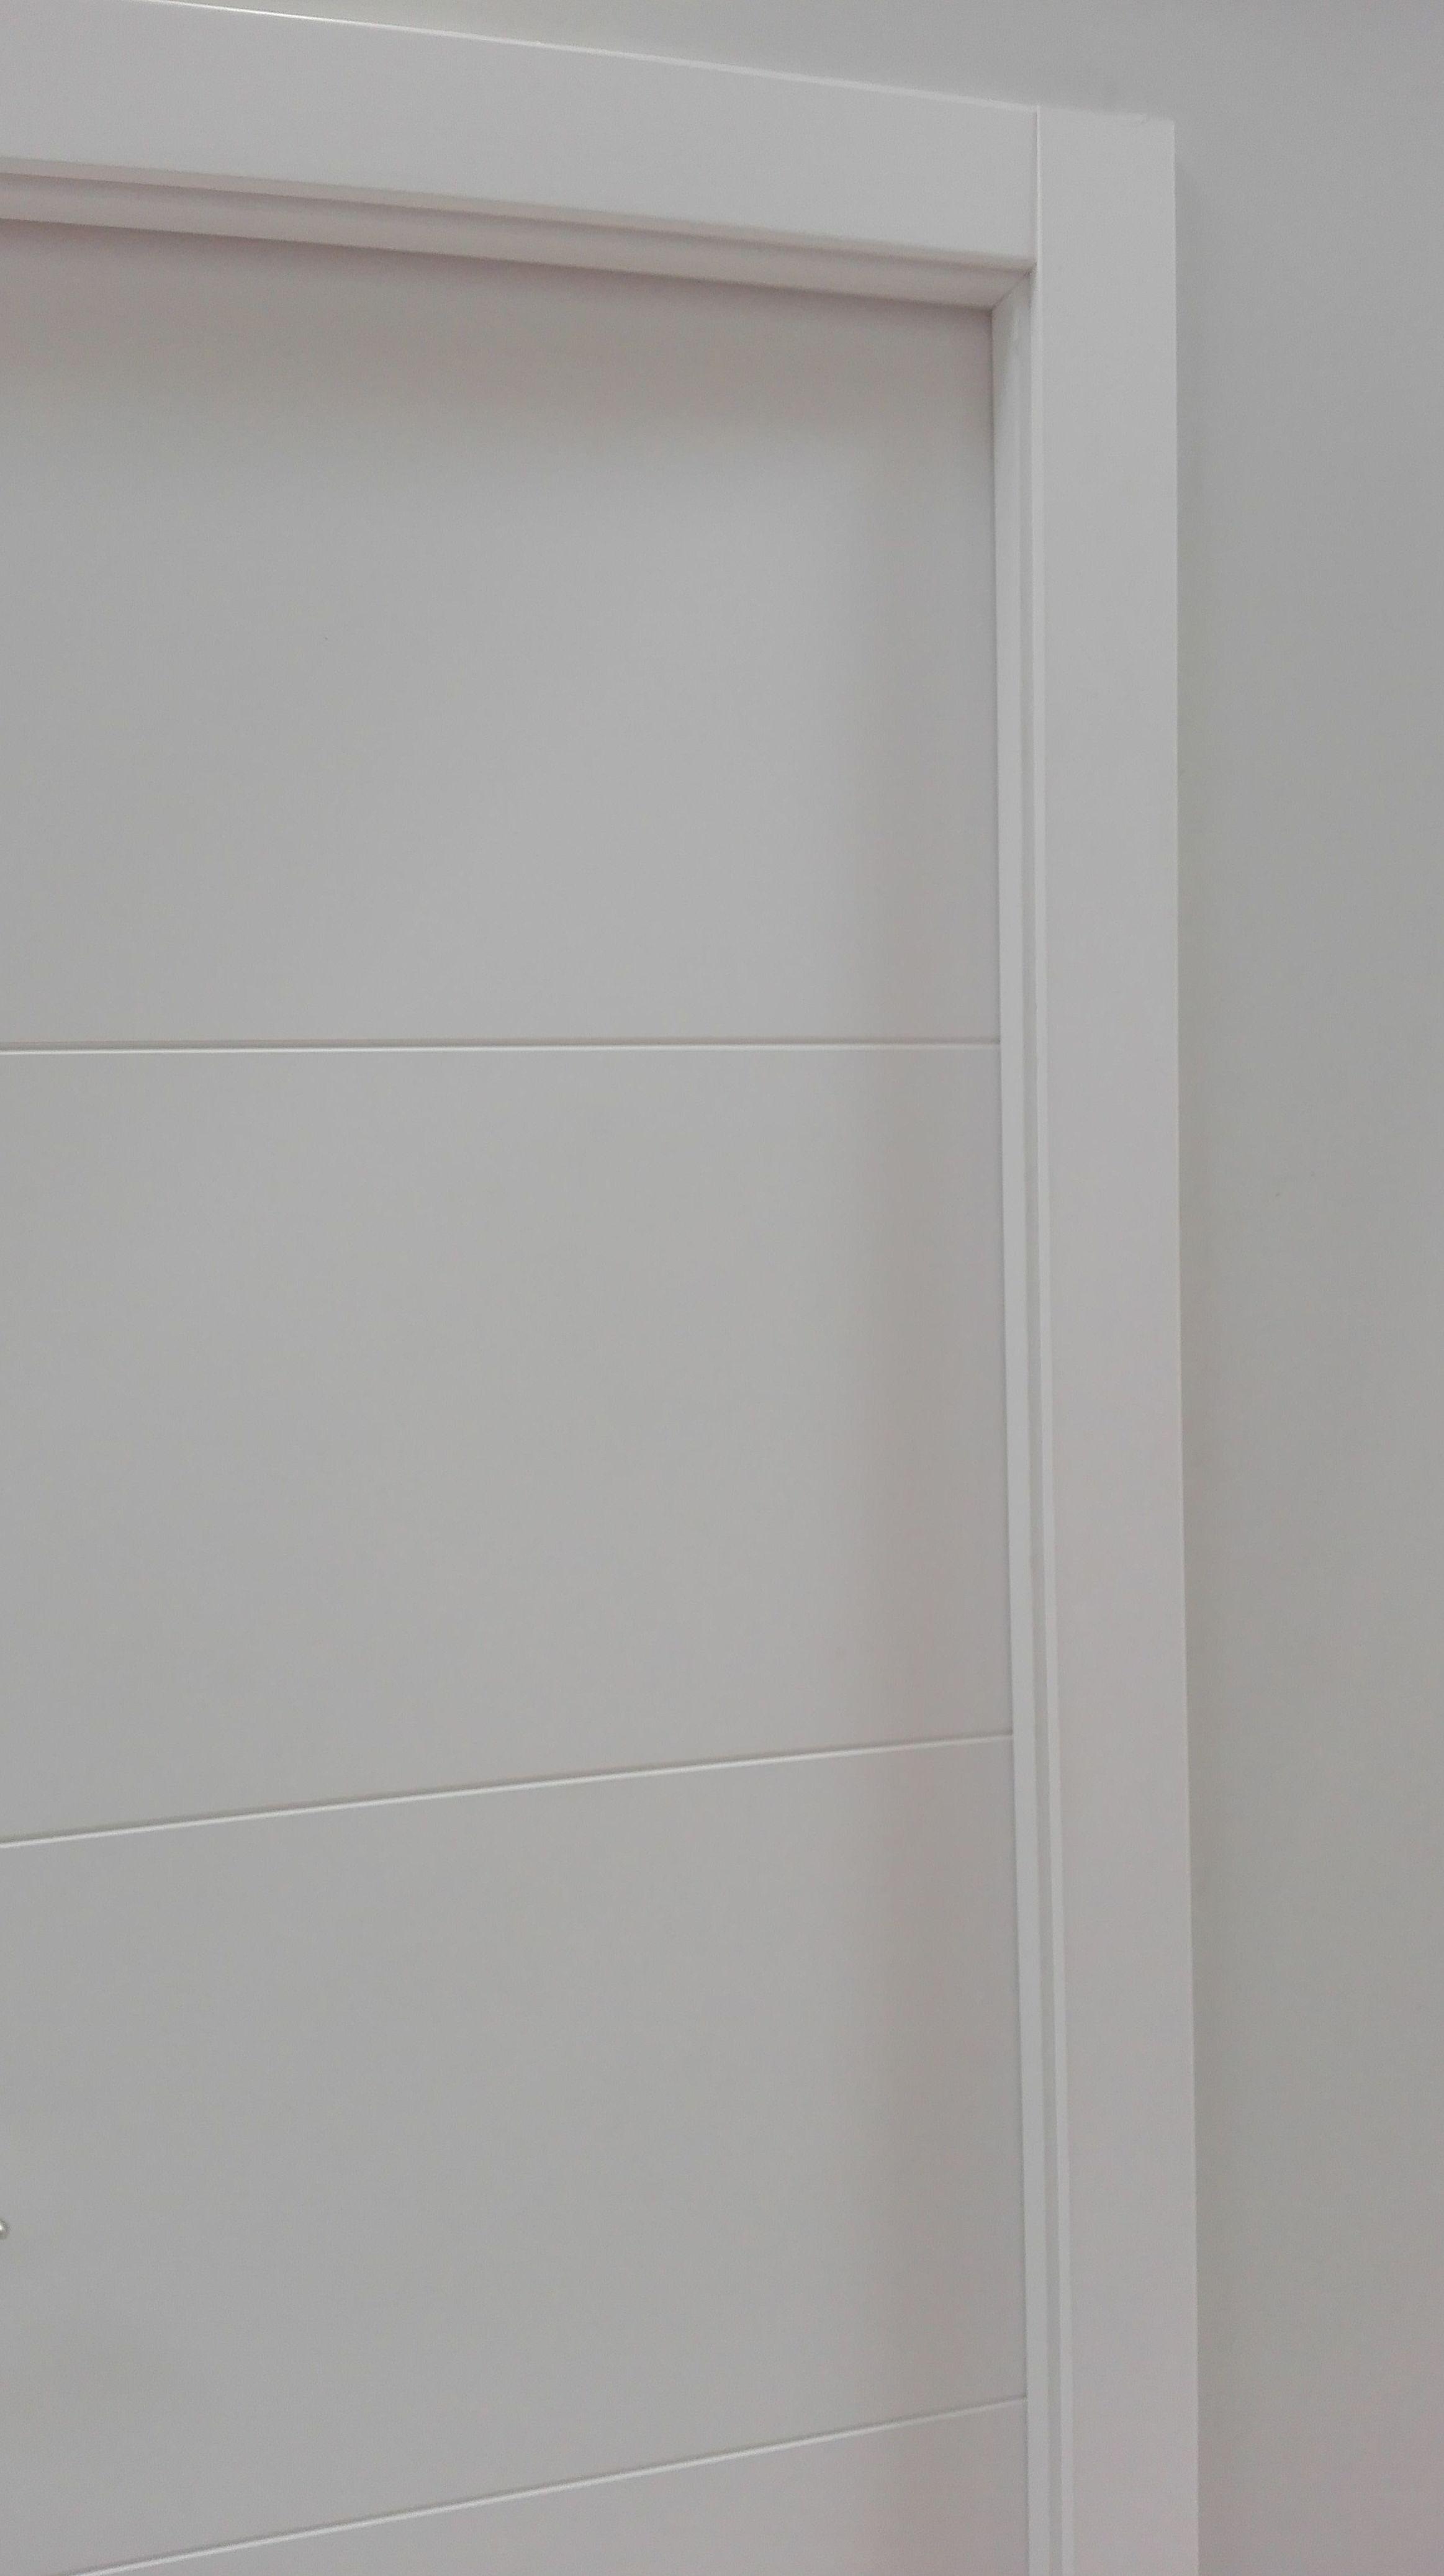 Puertas Blancas Lacadas Opiniones Top Puerta Lacada Blanca Con